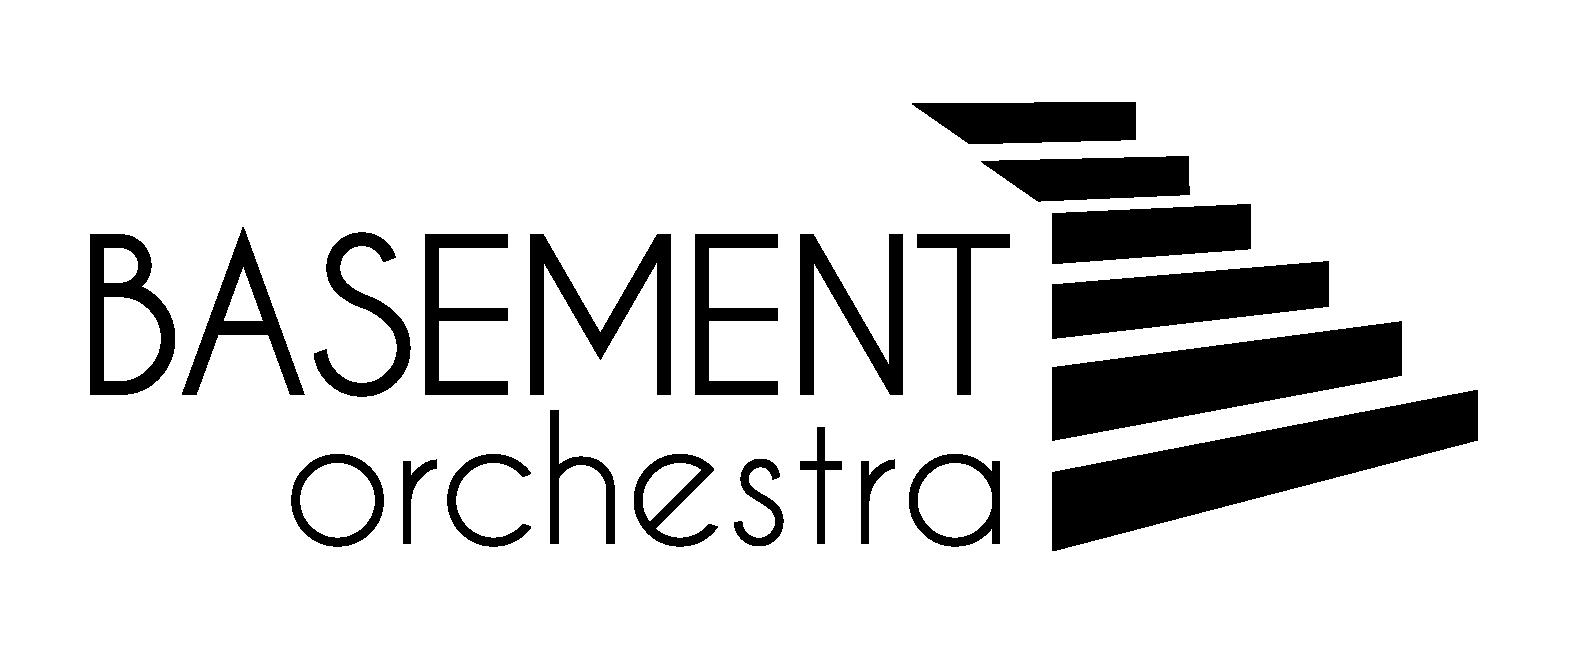 BasementOchestra_logo-v3-01.png